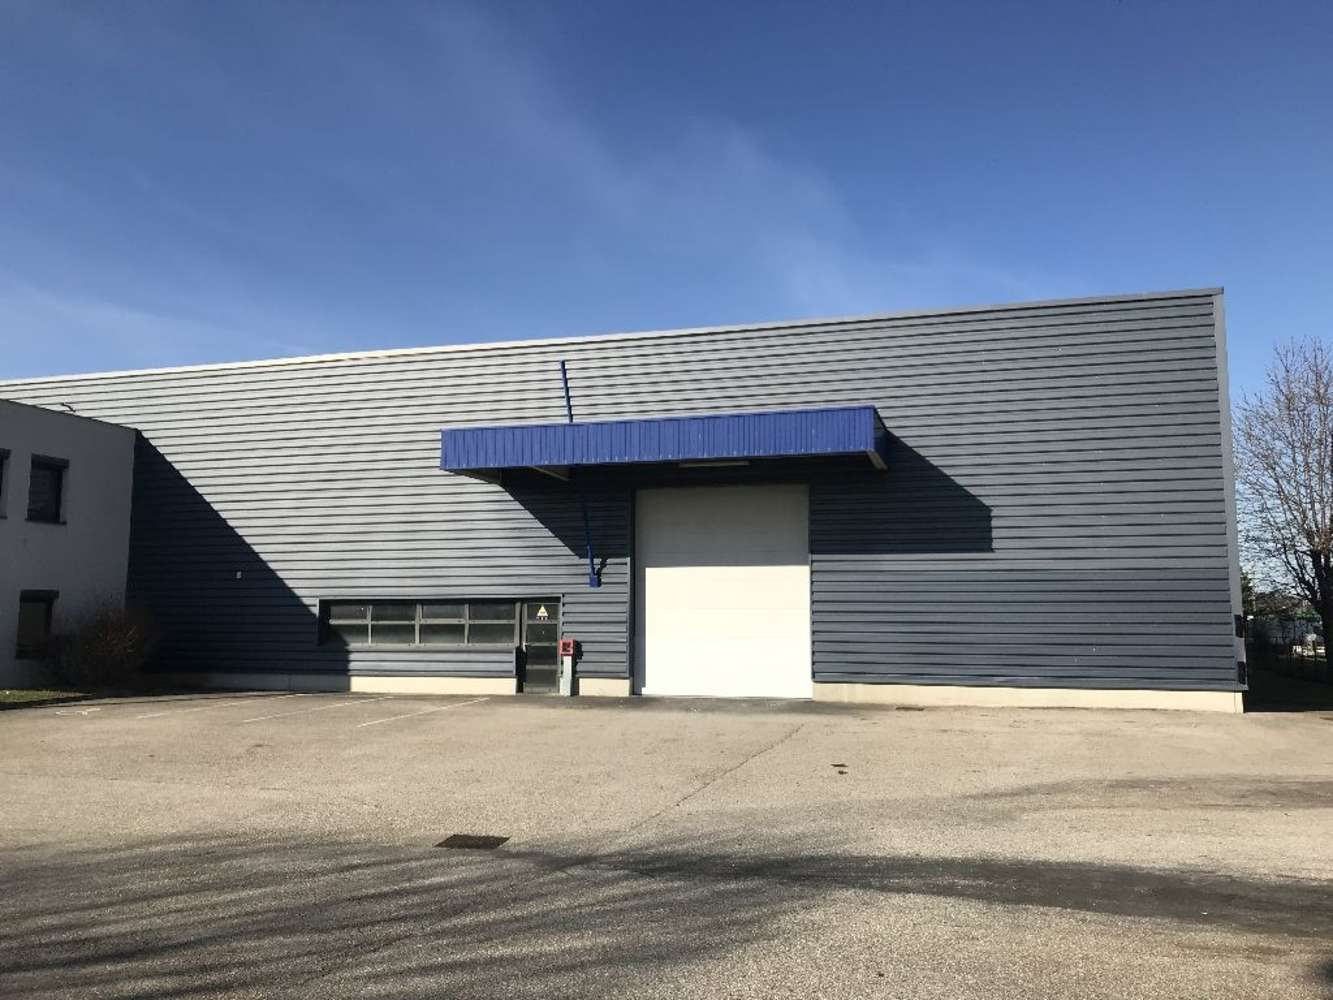 Activités/entrepôt Genas, 69740 - ENTREPOT À VENDRE LYON / GENAS - 10035387